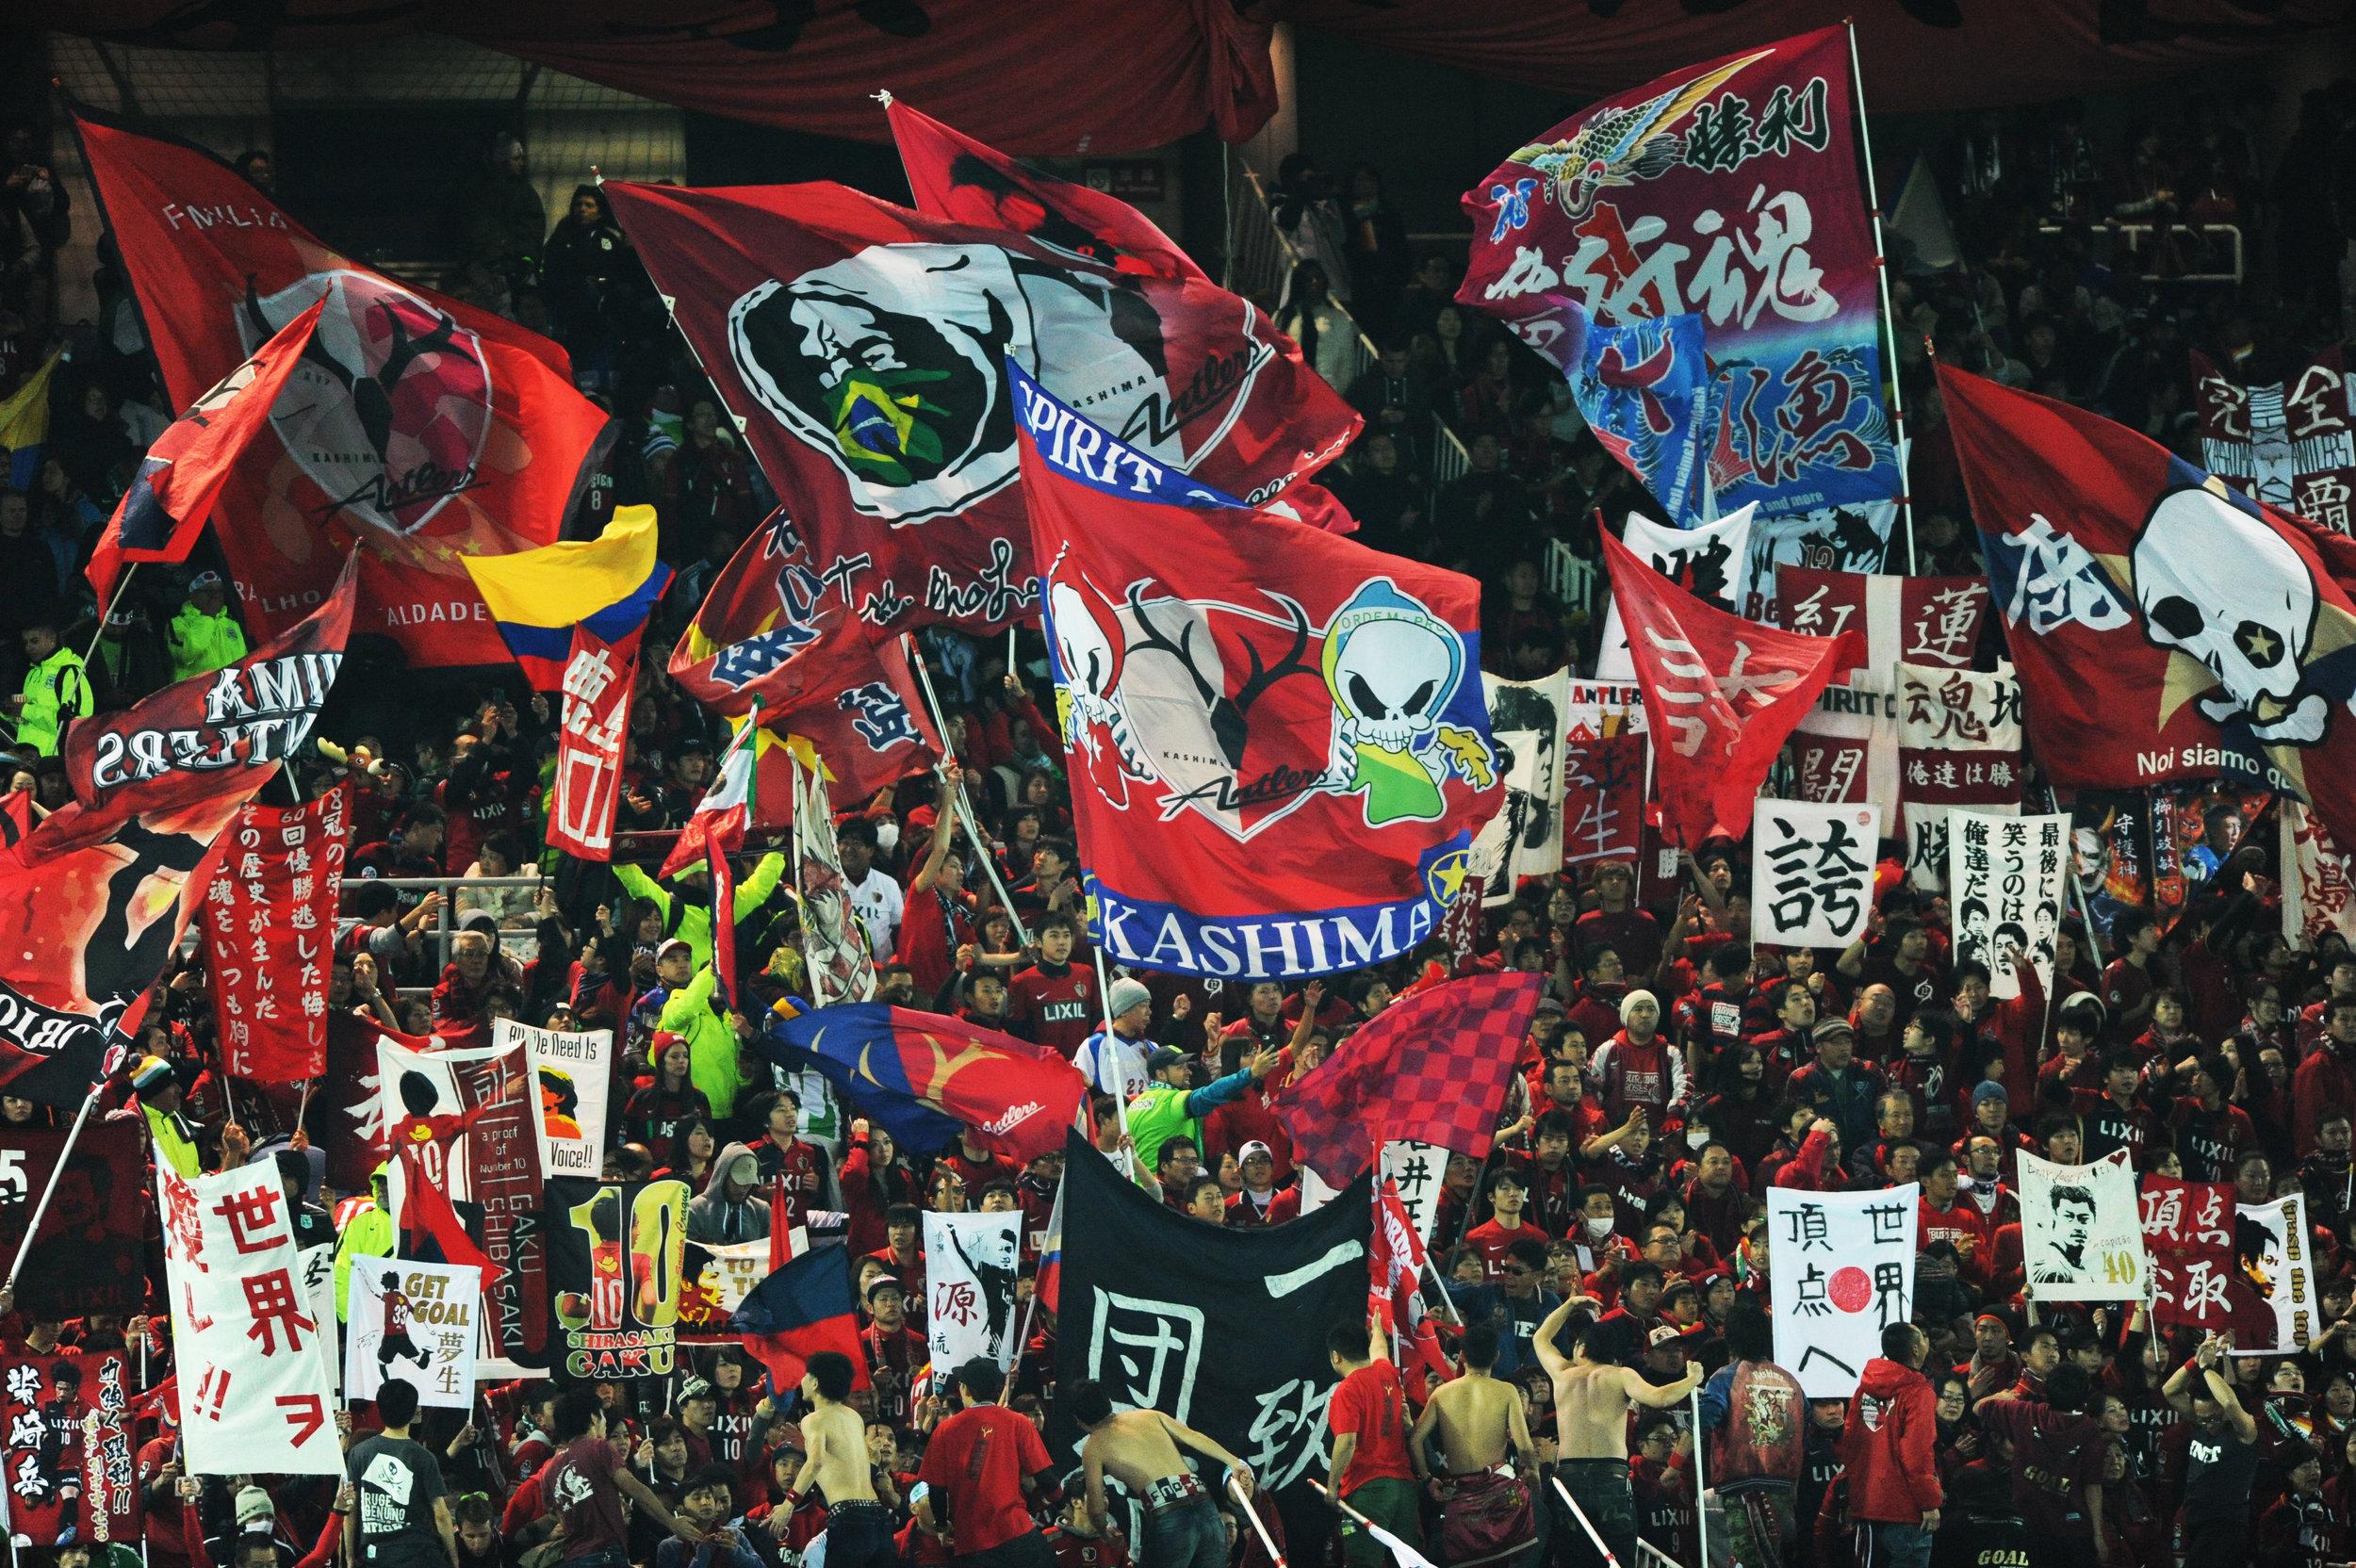 Kashima Antlers fans på lægterne til kampen mod Real Madrid (Getty Images)